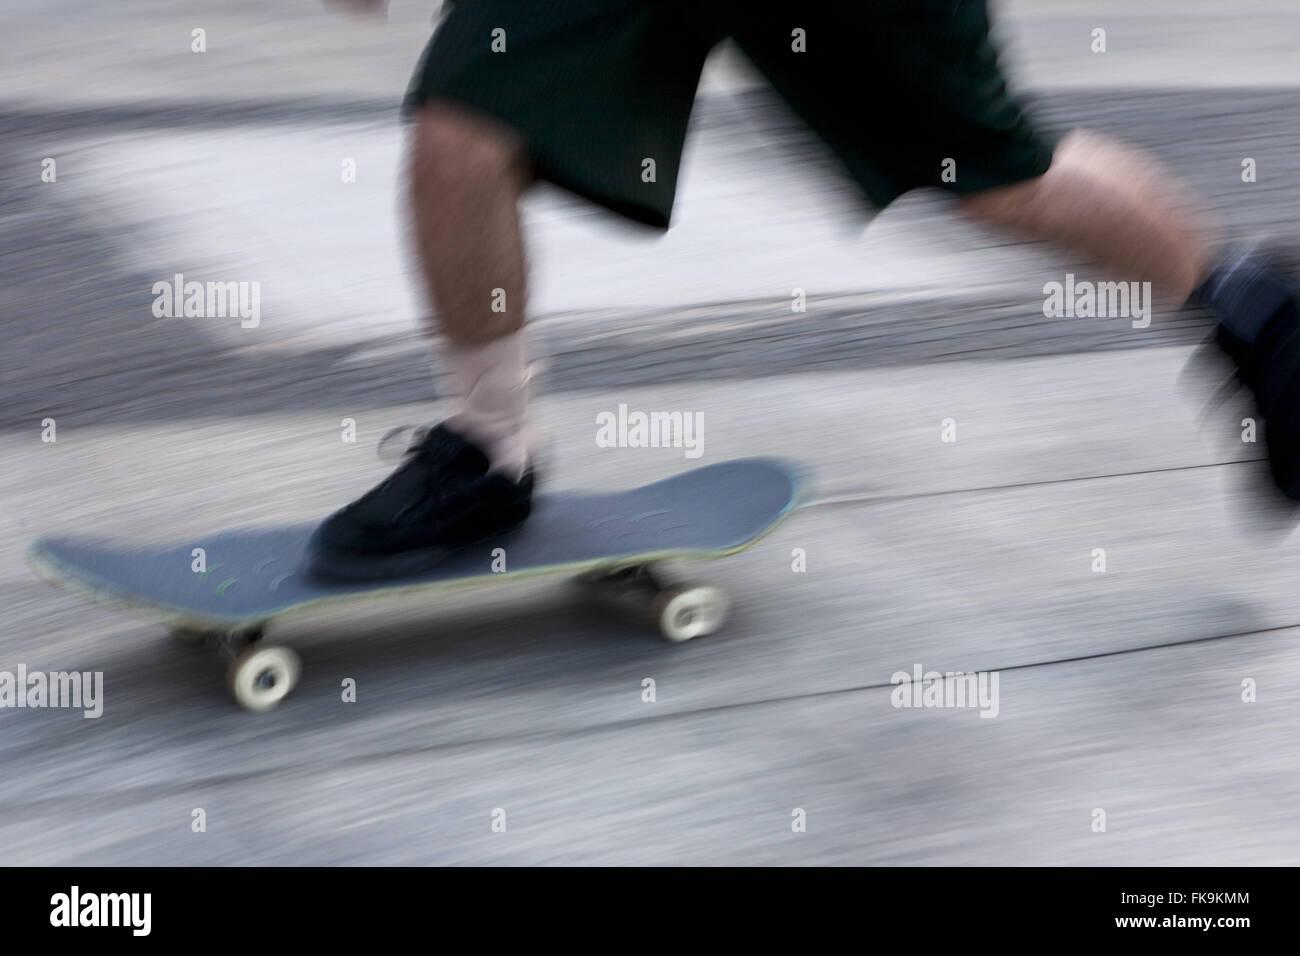 Dettaglio di skateboard pratici Immagini Stock